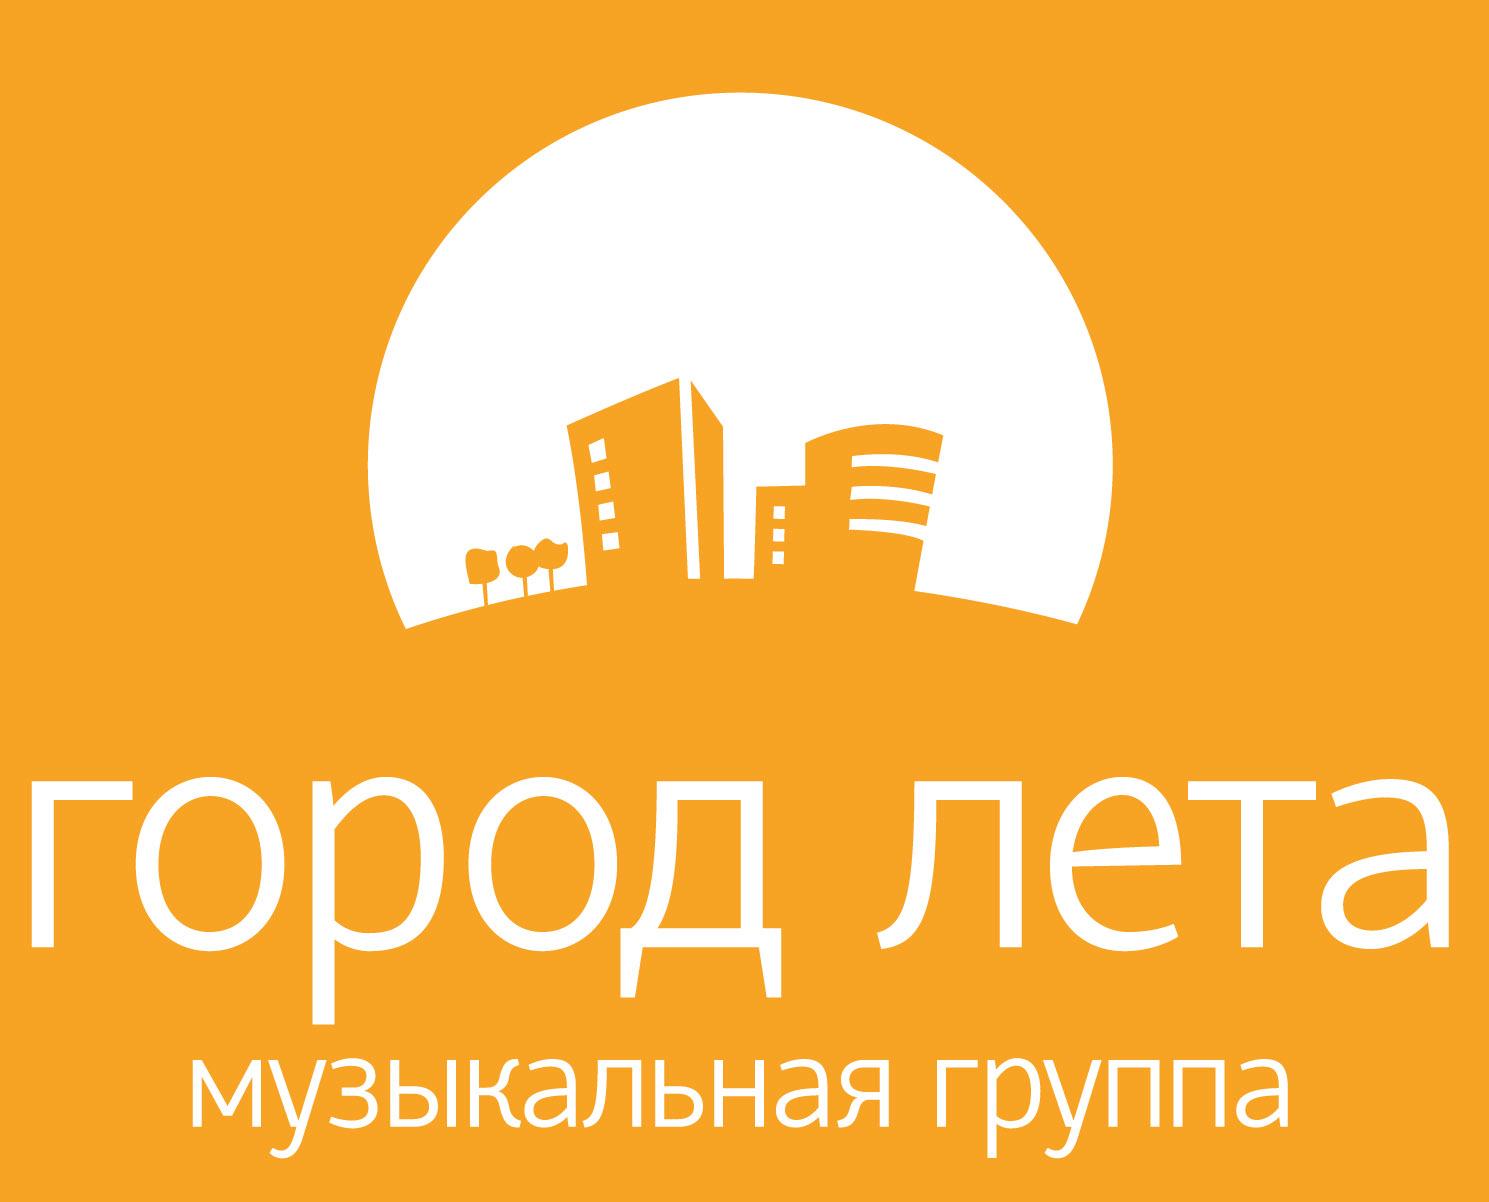 МЕНЮ Главная Промо Как пригласить Блог Видео Контакты